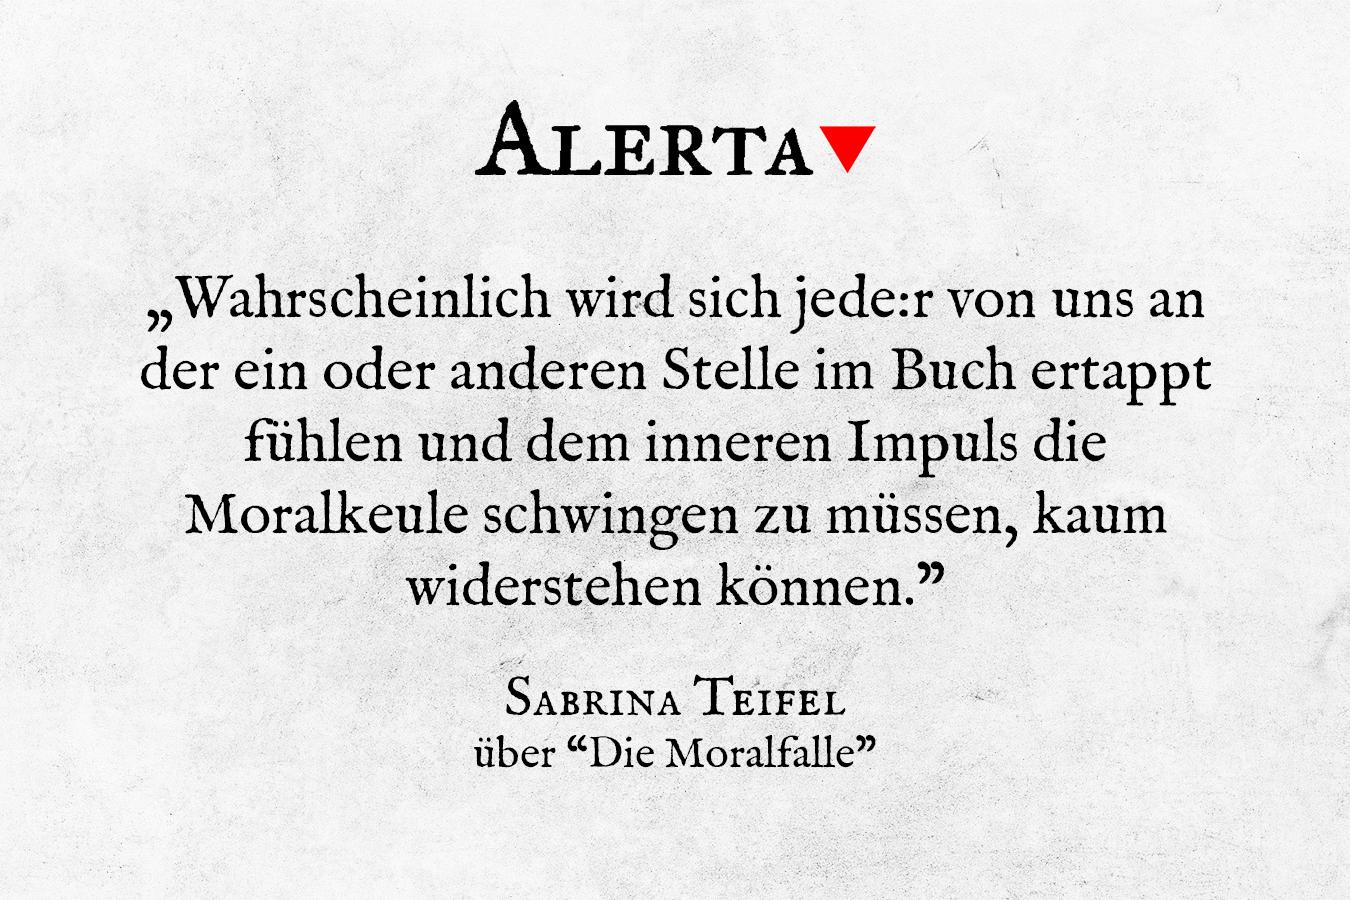 """""""Wahrscheinlich wird sich jede:r von uns an der ein oder anderen Stelle im Buch ertappt fühlen und dem inneren Impuls die Moralkeule schwingen zu müssen, kaum widerstehen können."""" schreibt Sabrina Teifel über """"Die Moralfalle"""" von Bernd Stegemann"""